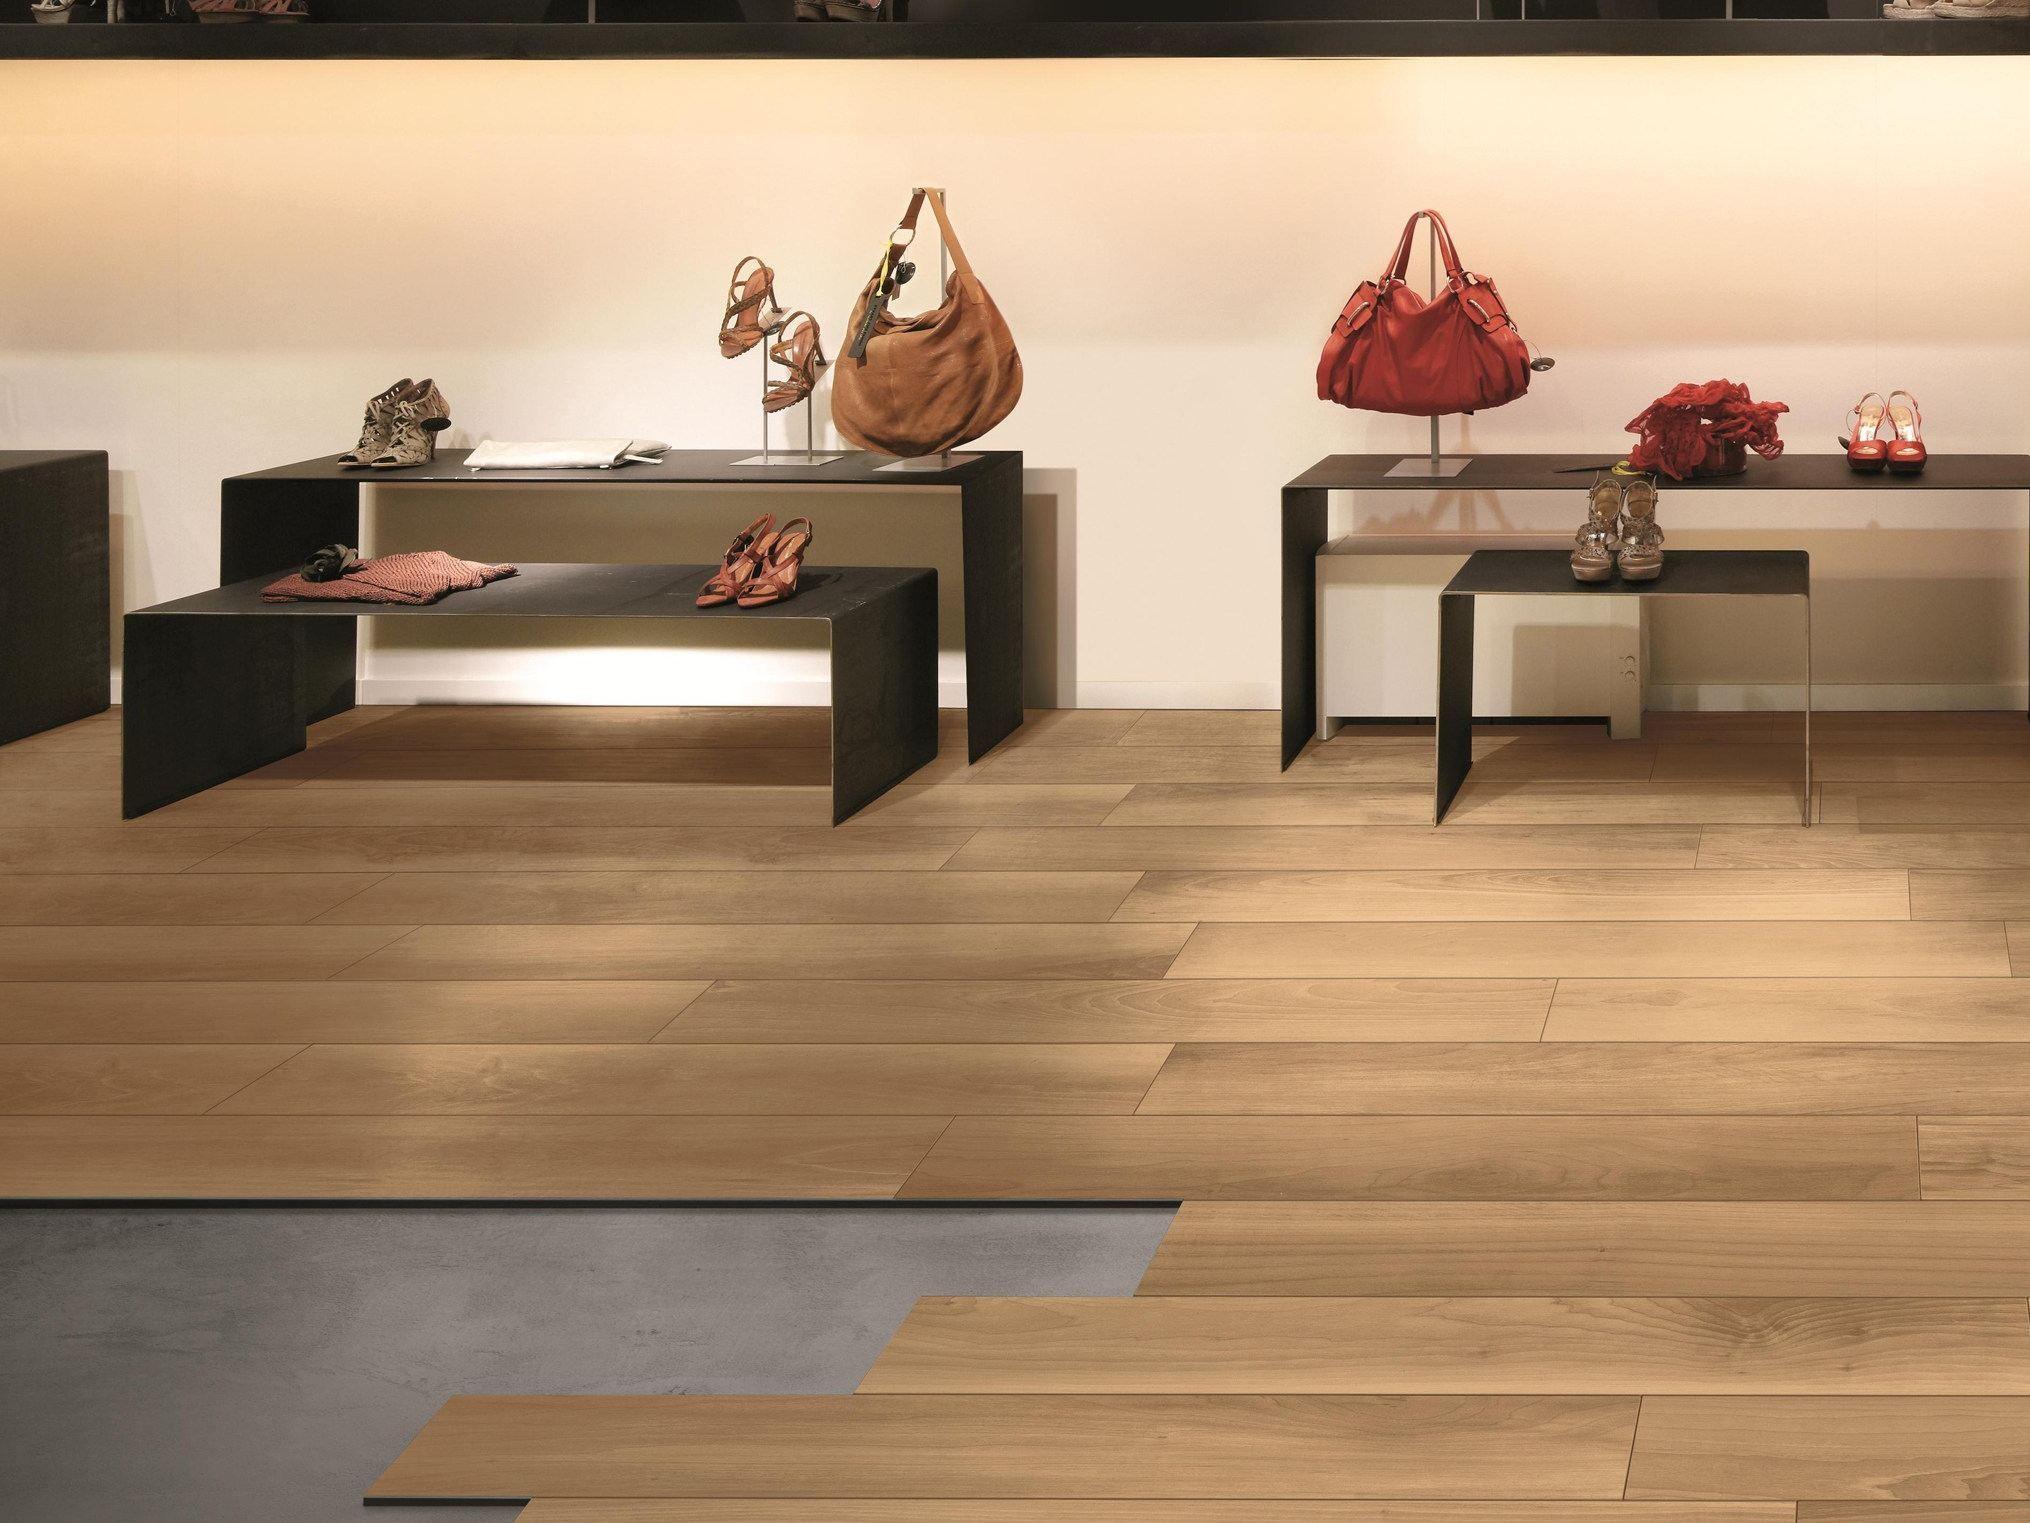 aexacta | self-adhesive flooring by ceramiche caesar - Piastrelle Effetto Legno Senza Fughe